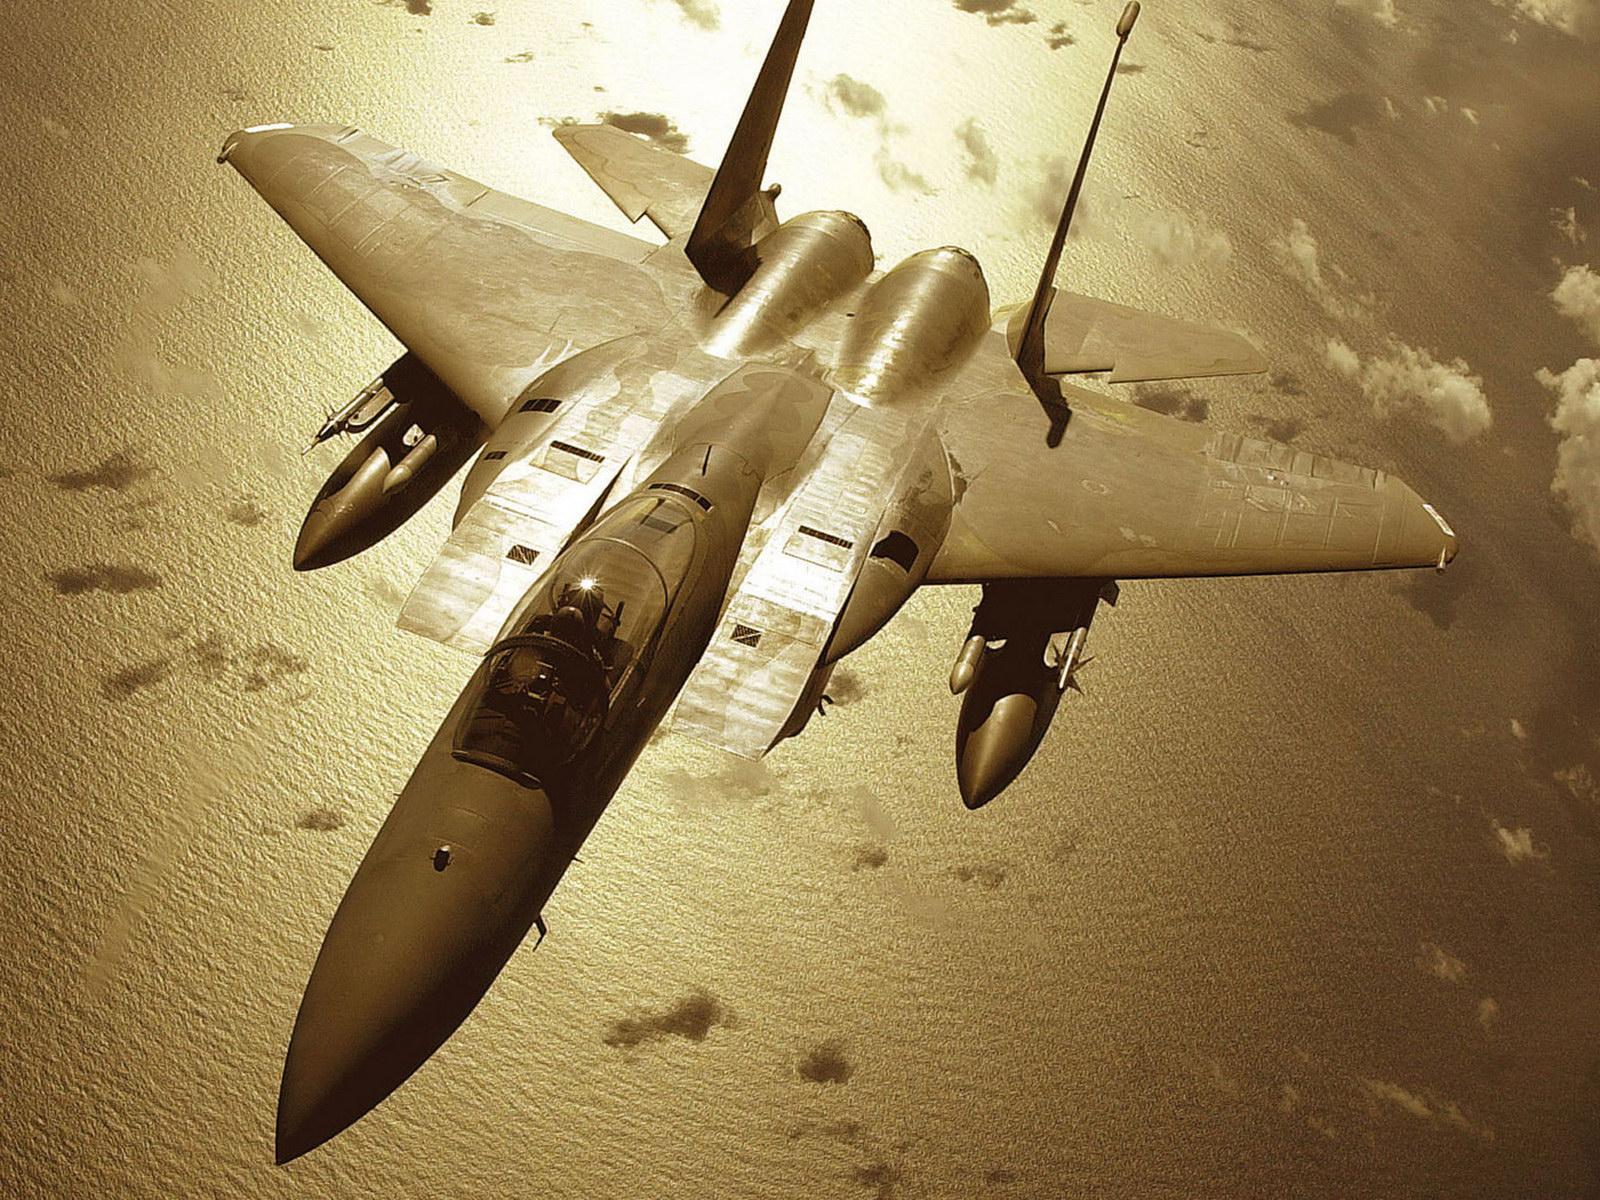 http://3.bp.blogspot.com/-_a0gt1L9jpM/Ty_w9xTcliI/AAAAAAAACEM/-3TaUALpR9M/s1600/Air+Force+Wallpaper+5.jpg